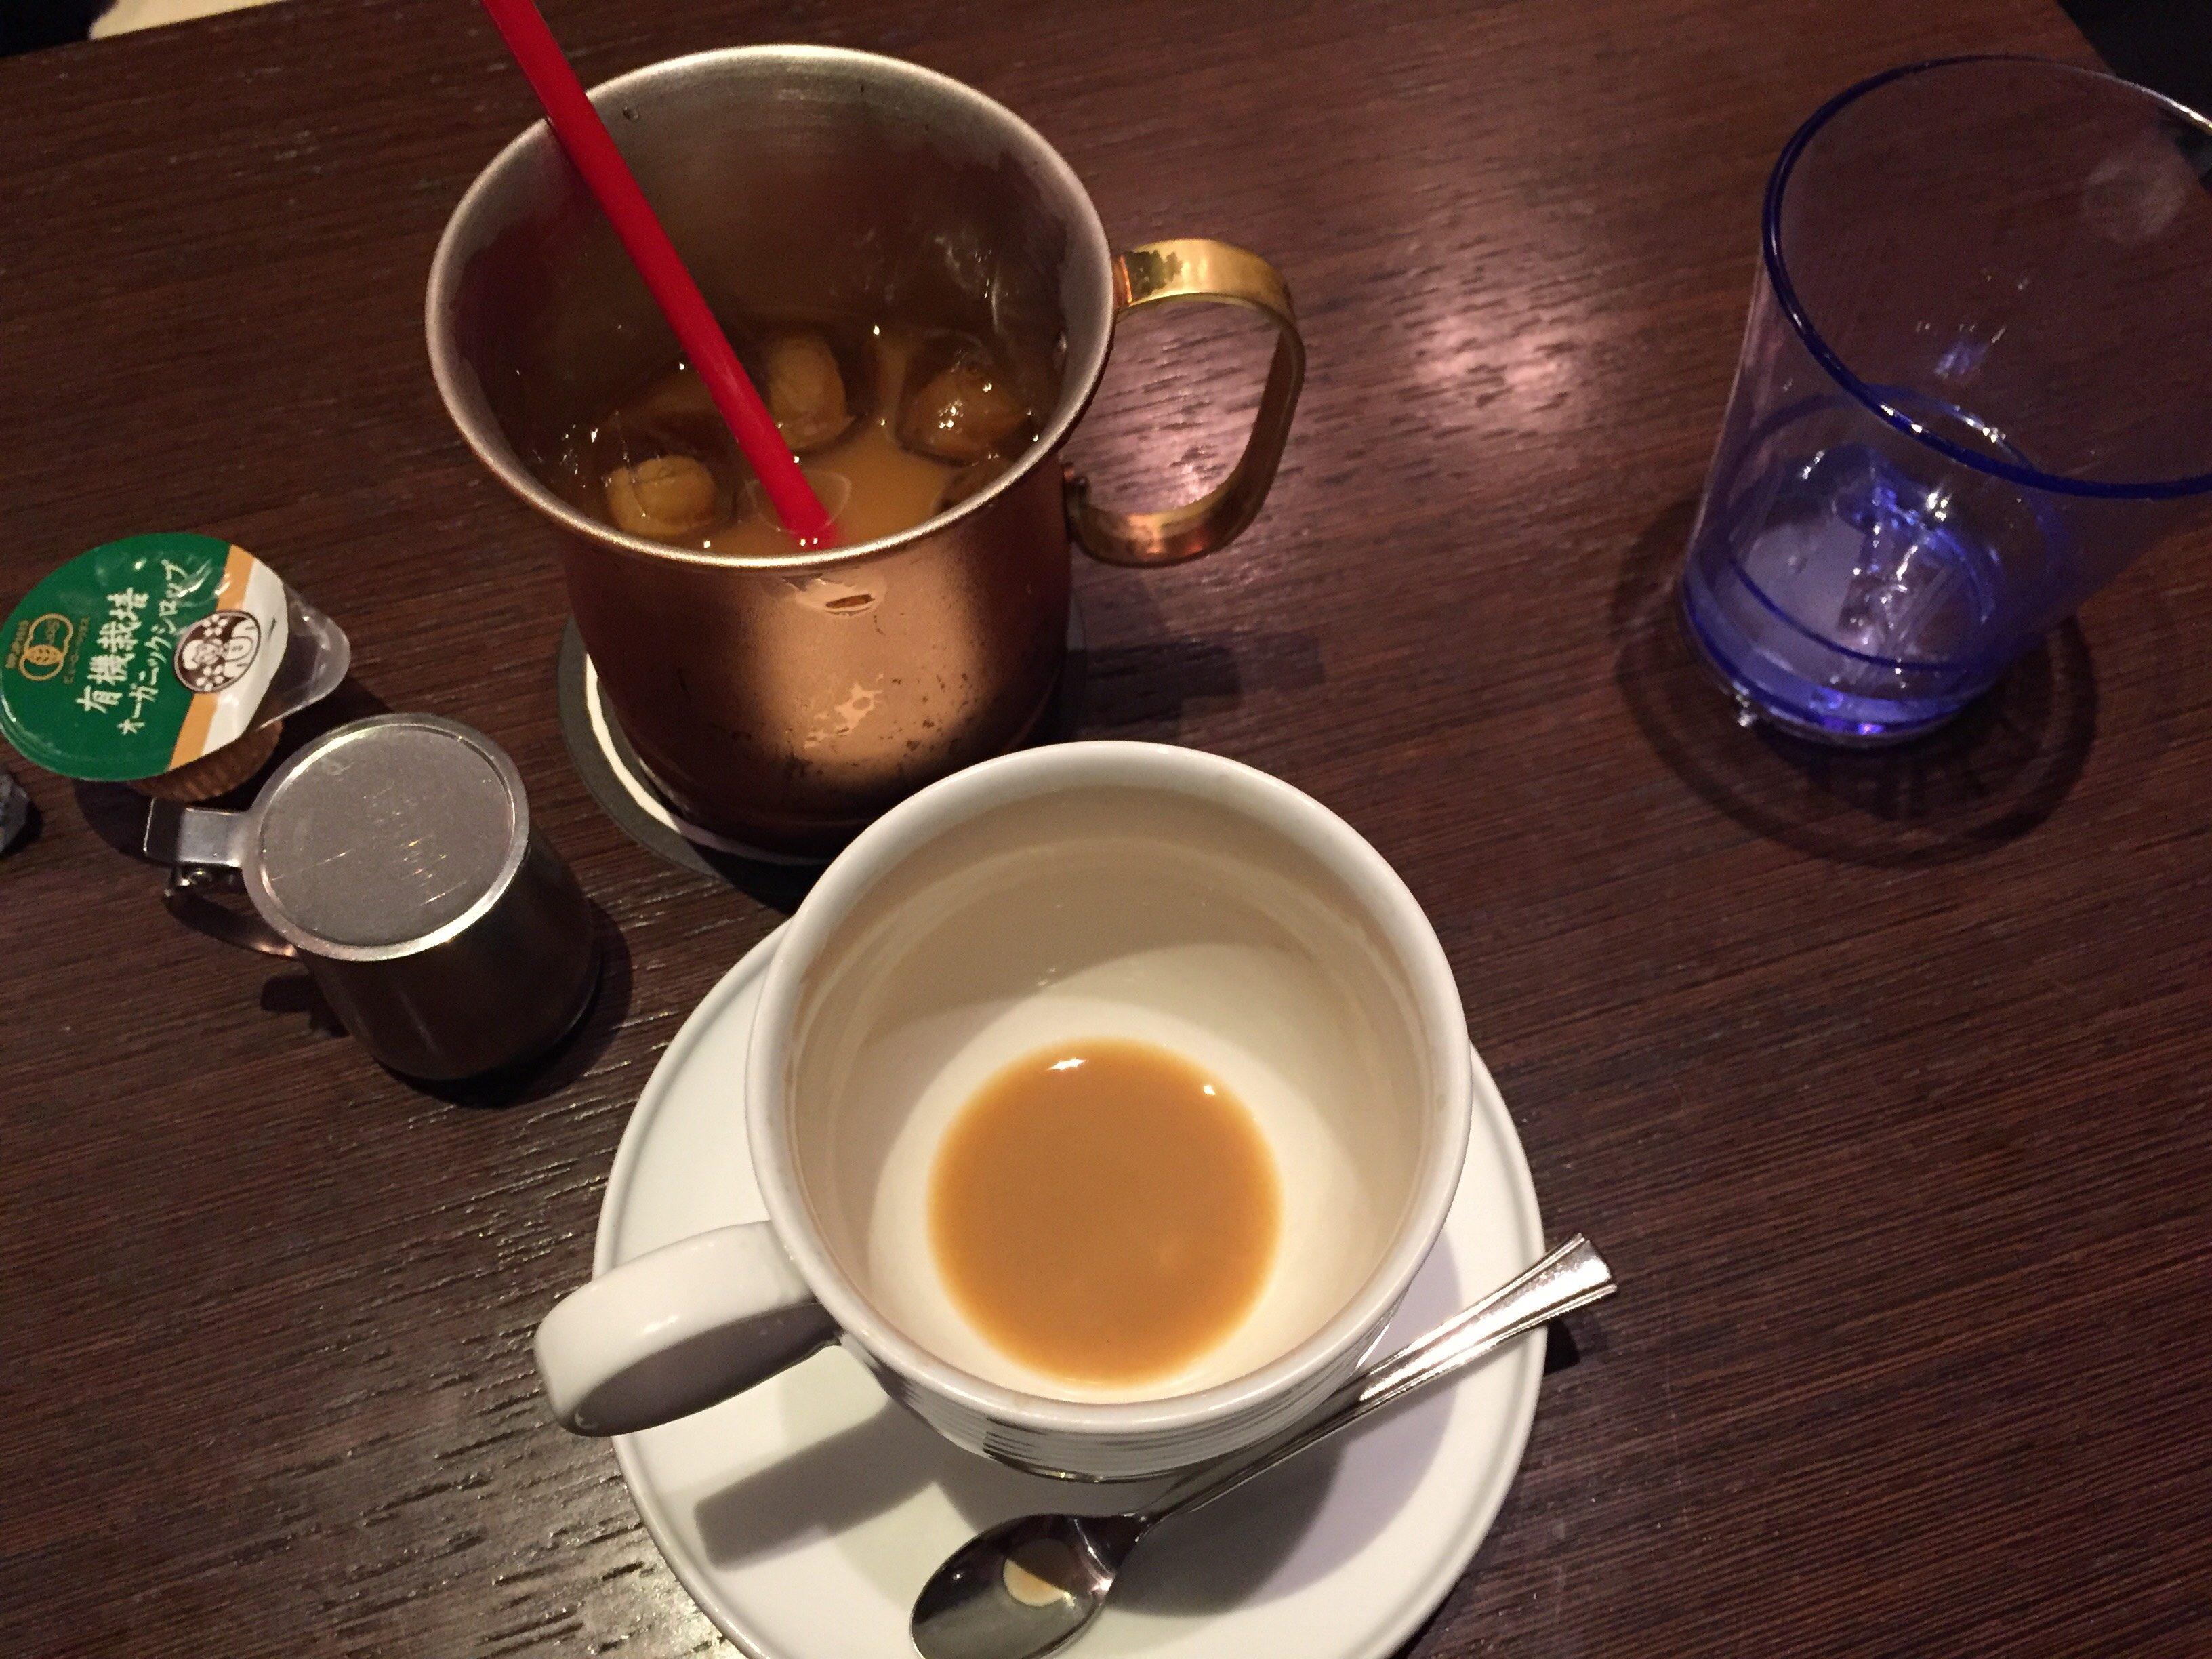 生きている珈琲 コーヒー